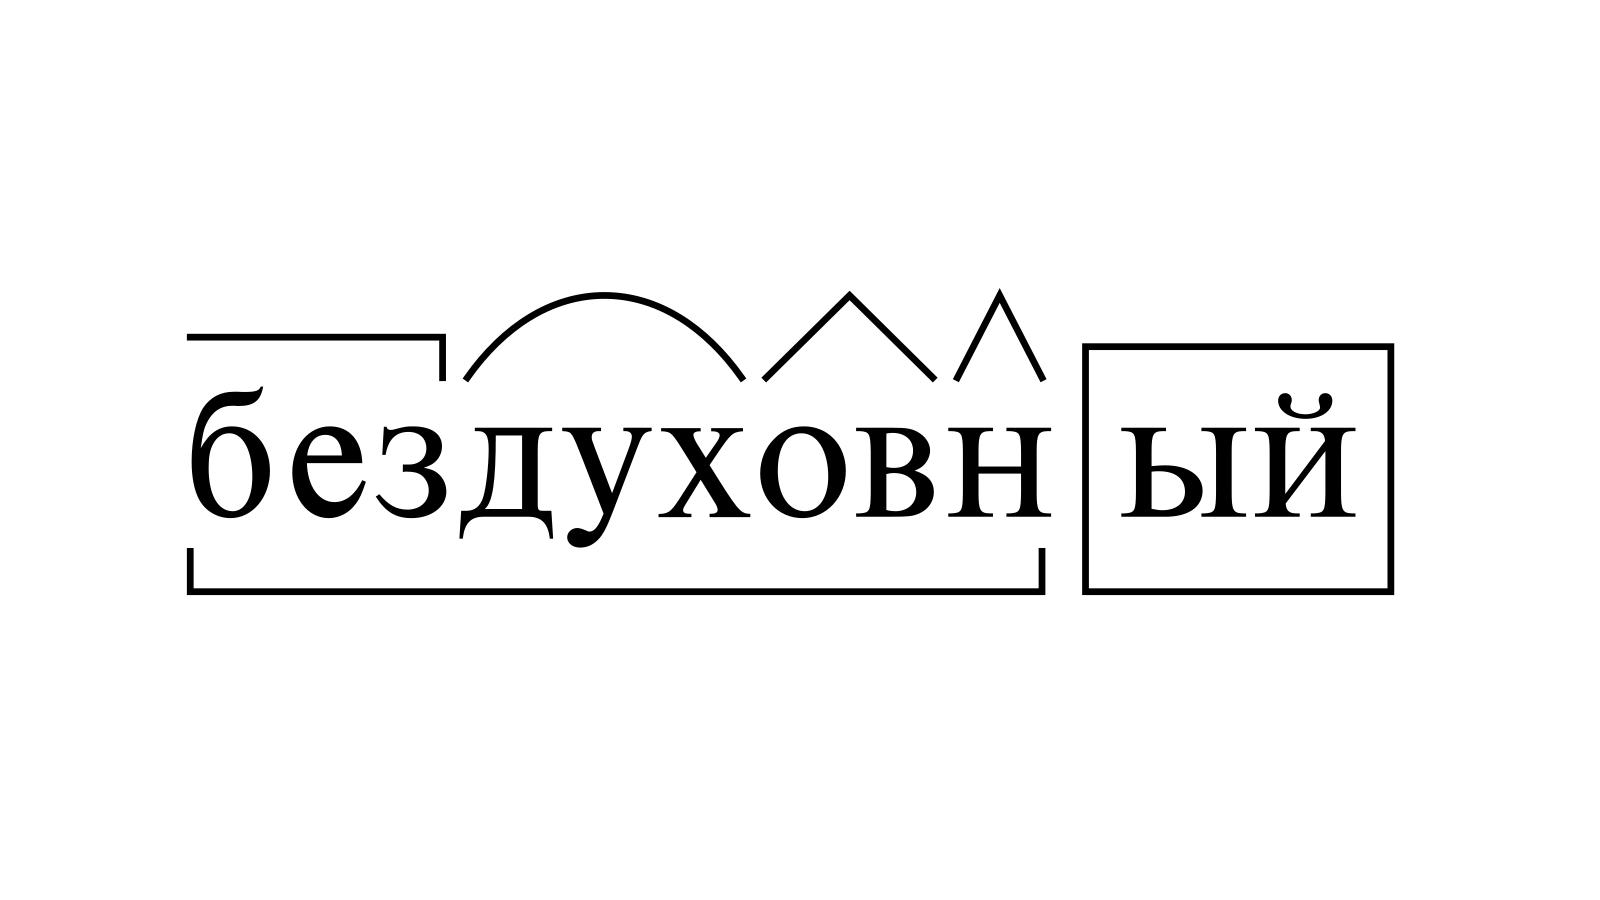 Разбор слова «бездуховный» по составу